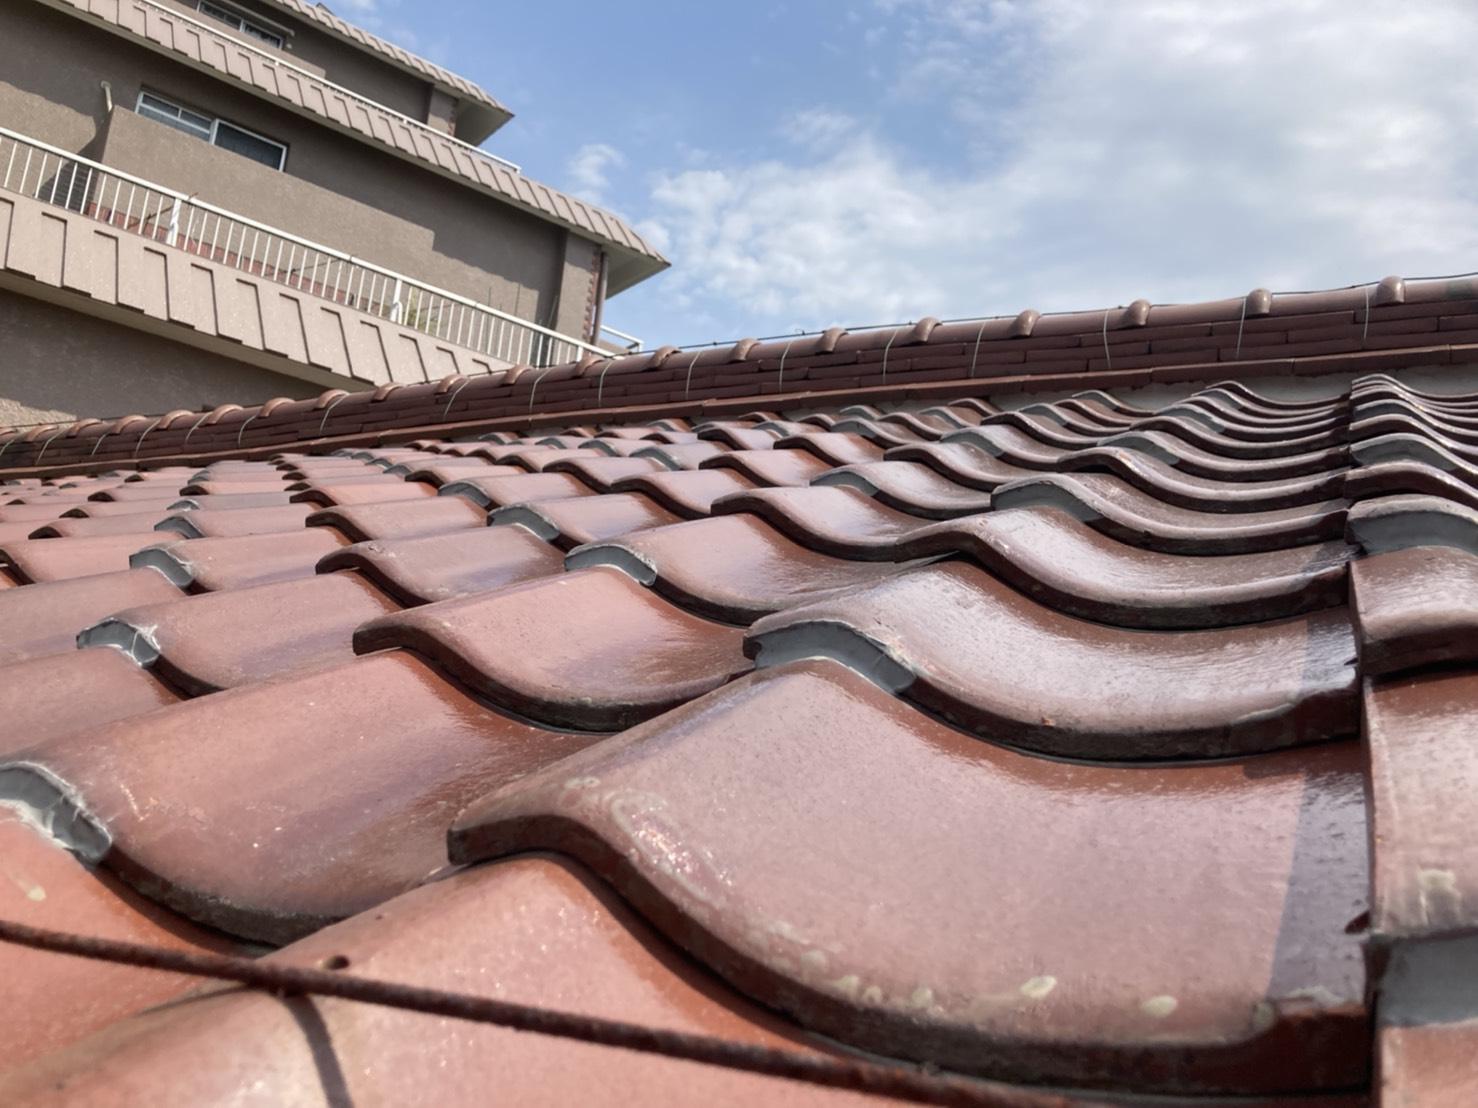 安城市にて瓦屋根と板金屋根両方の無料点検を実施!!!